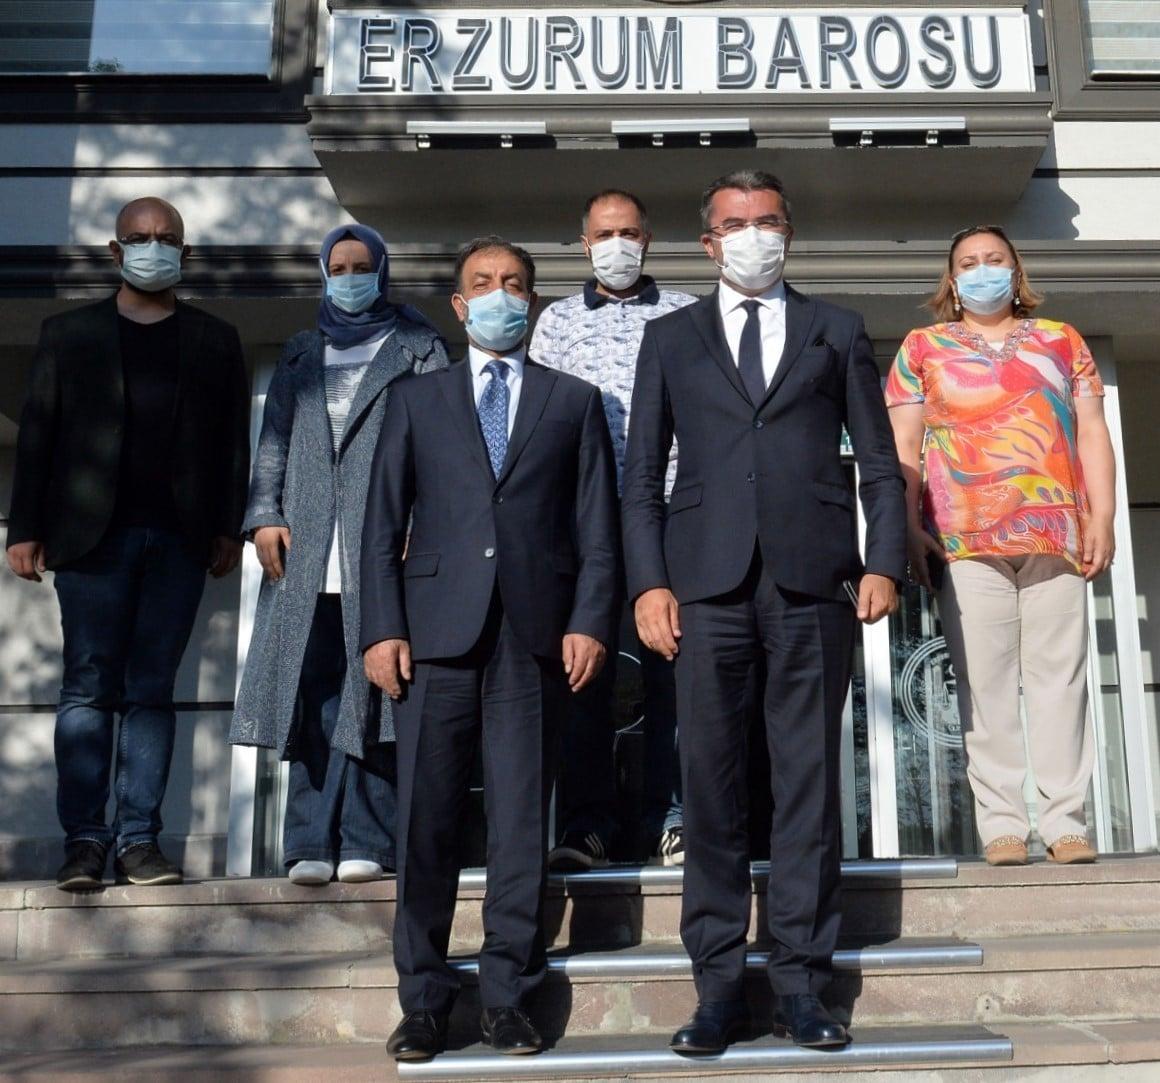 Vali Okay Memiş, Baro Başkanı Göğebakan'ı tebrik etti